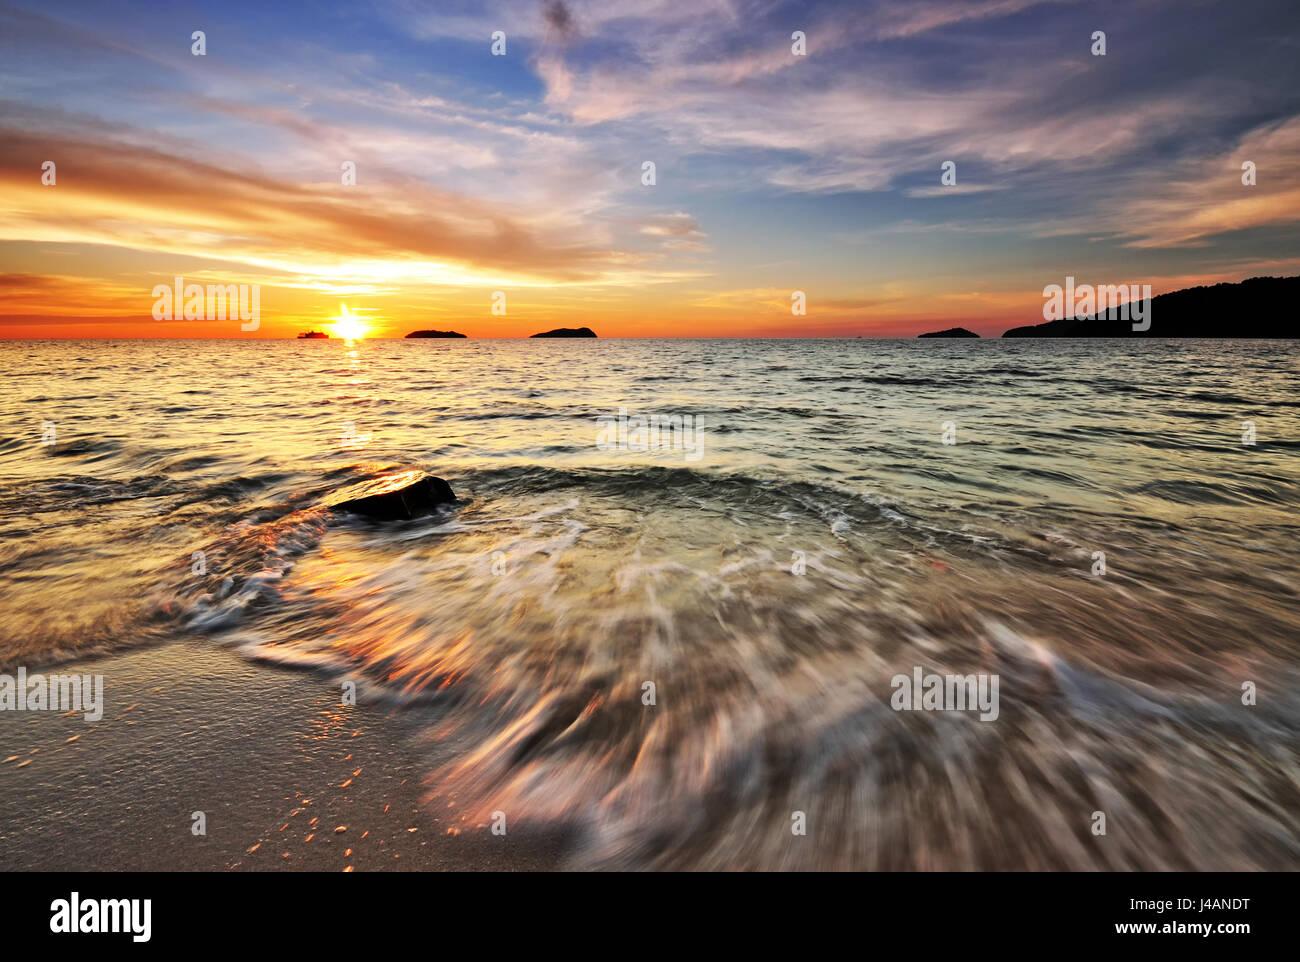 Beautiful sunset at the beach in Kota Kinabalu, Sabah Borneo, Malaysia. - Stock Image